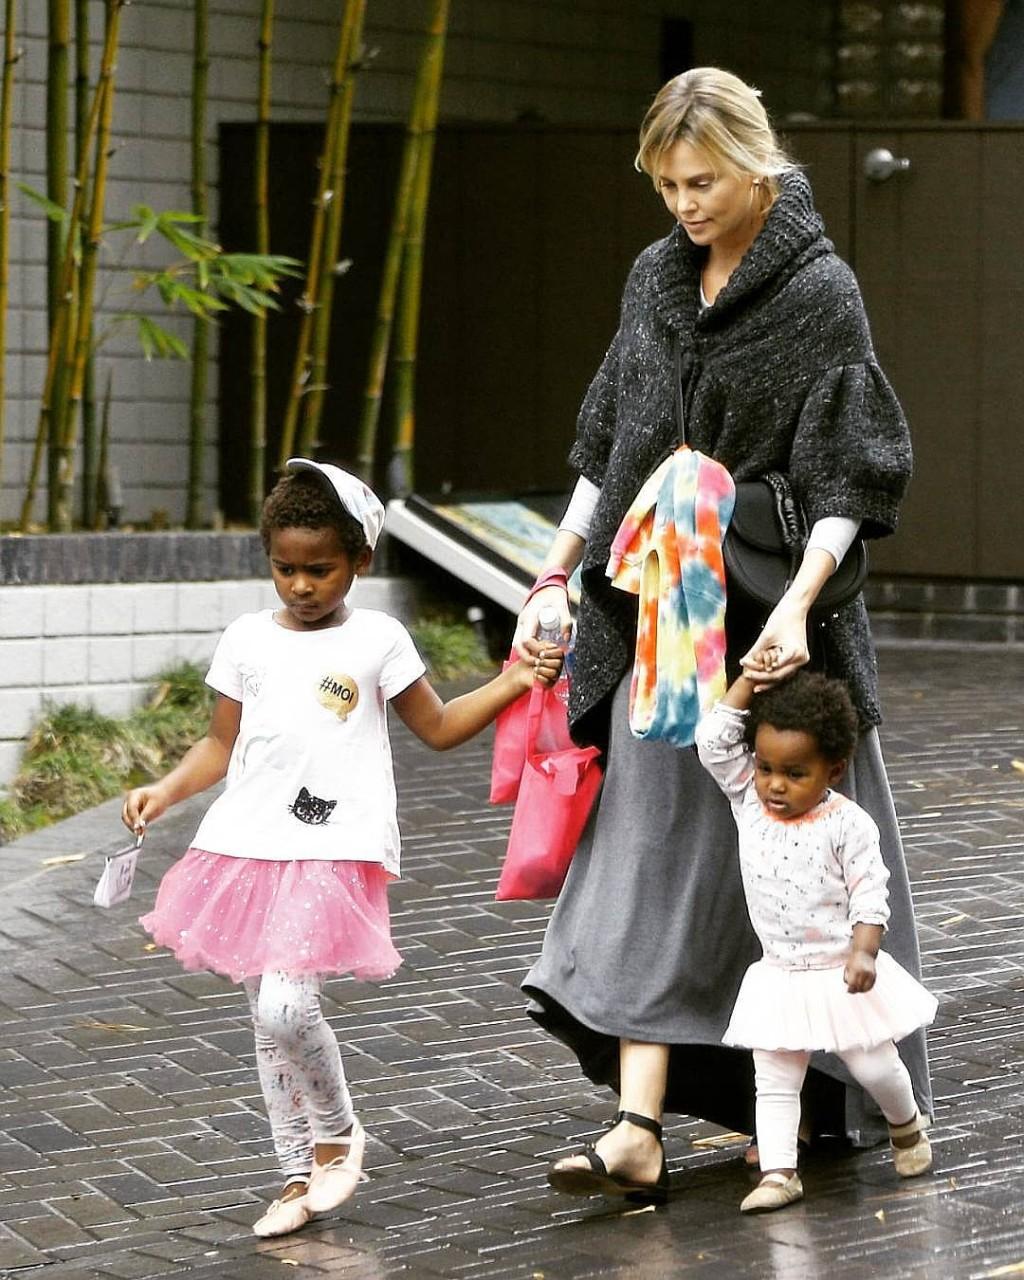 По мнению этой американки, дети сами должны выбирать свой пол.  Поэтому она одевает мальчика в юбки!